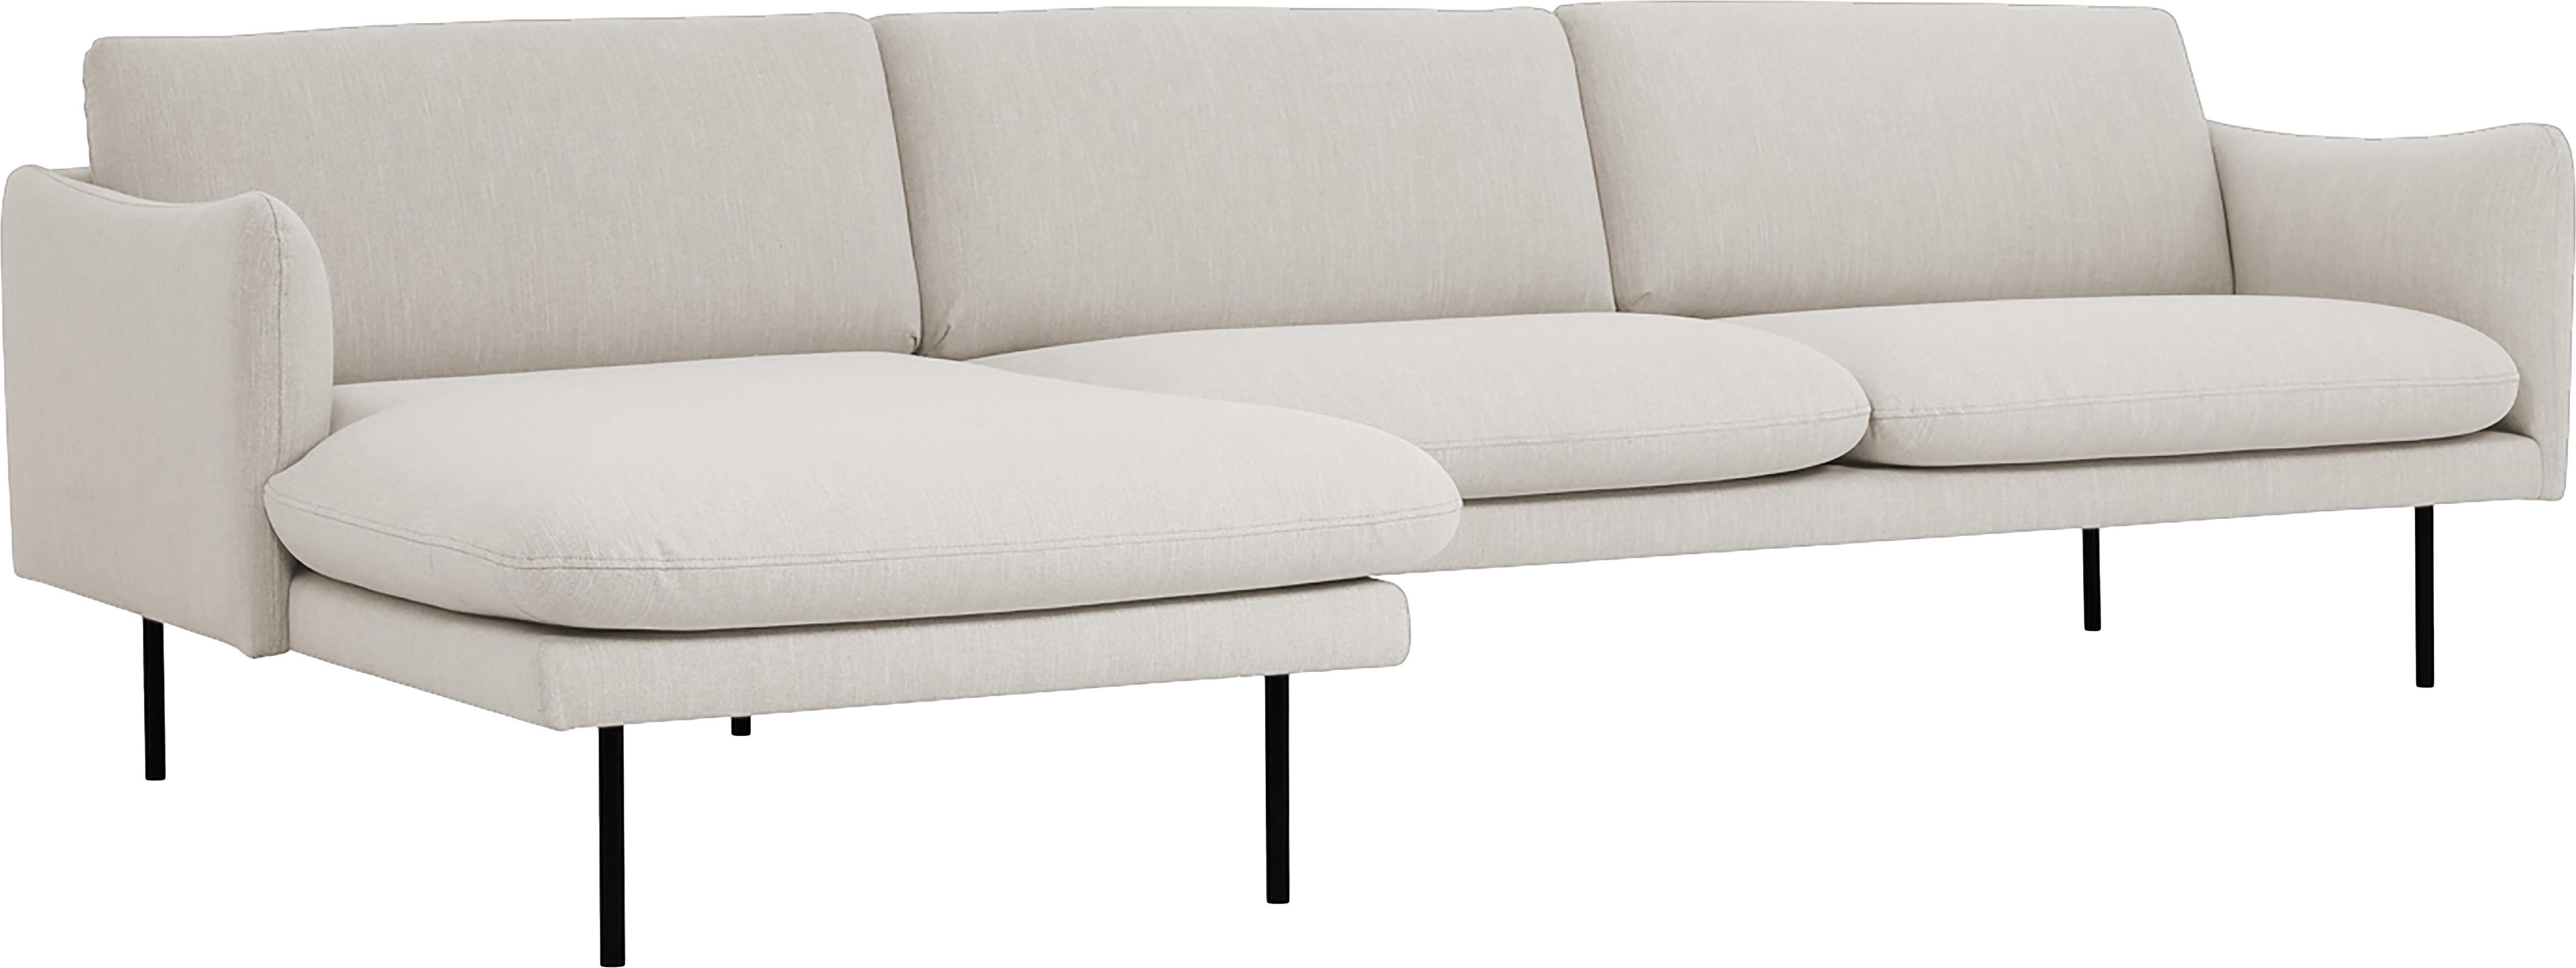 Sofa narożna Moby, Tapicerka: poliester 60000 cykli w , Stelaż: lite drewno sosnowe, Nogi: metal malowany proszkowo, Beżowy, S 280 x G 160 cm